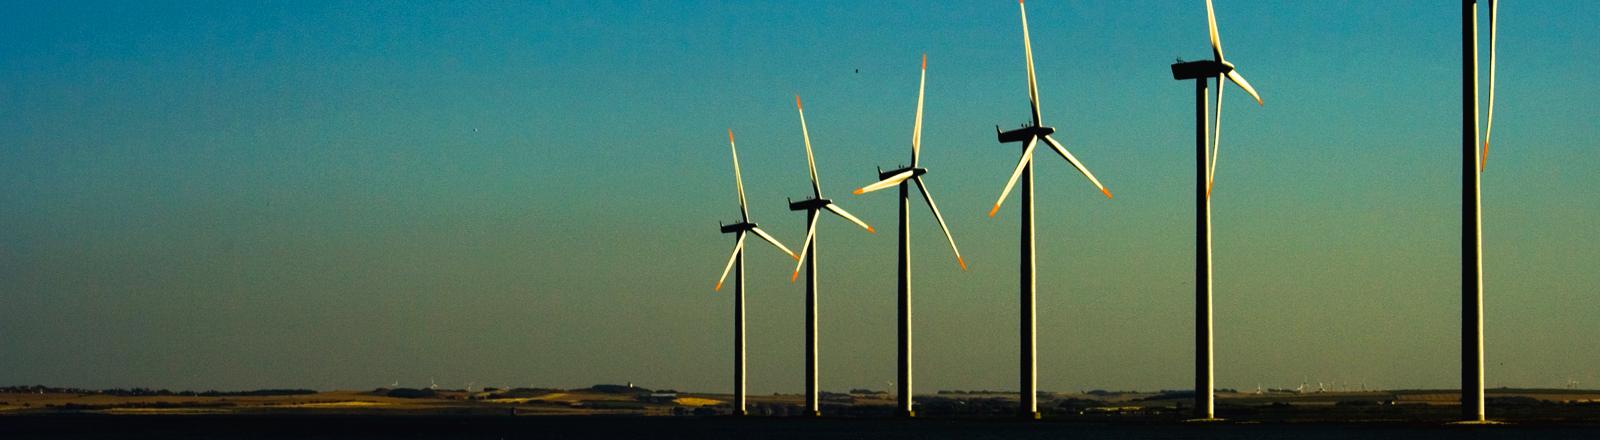 Auf einem Feld stehen große Windräder